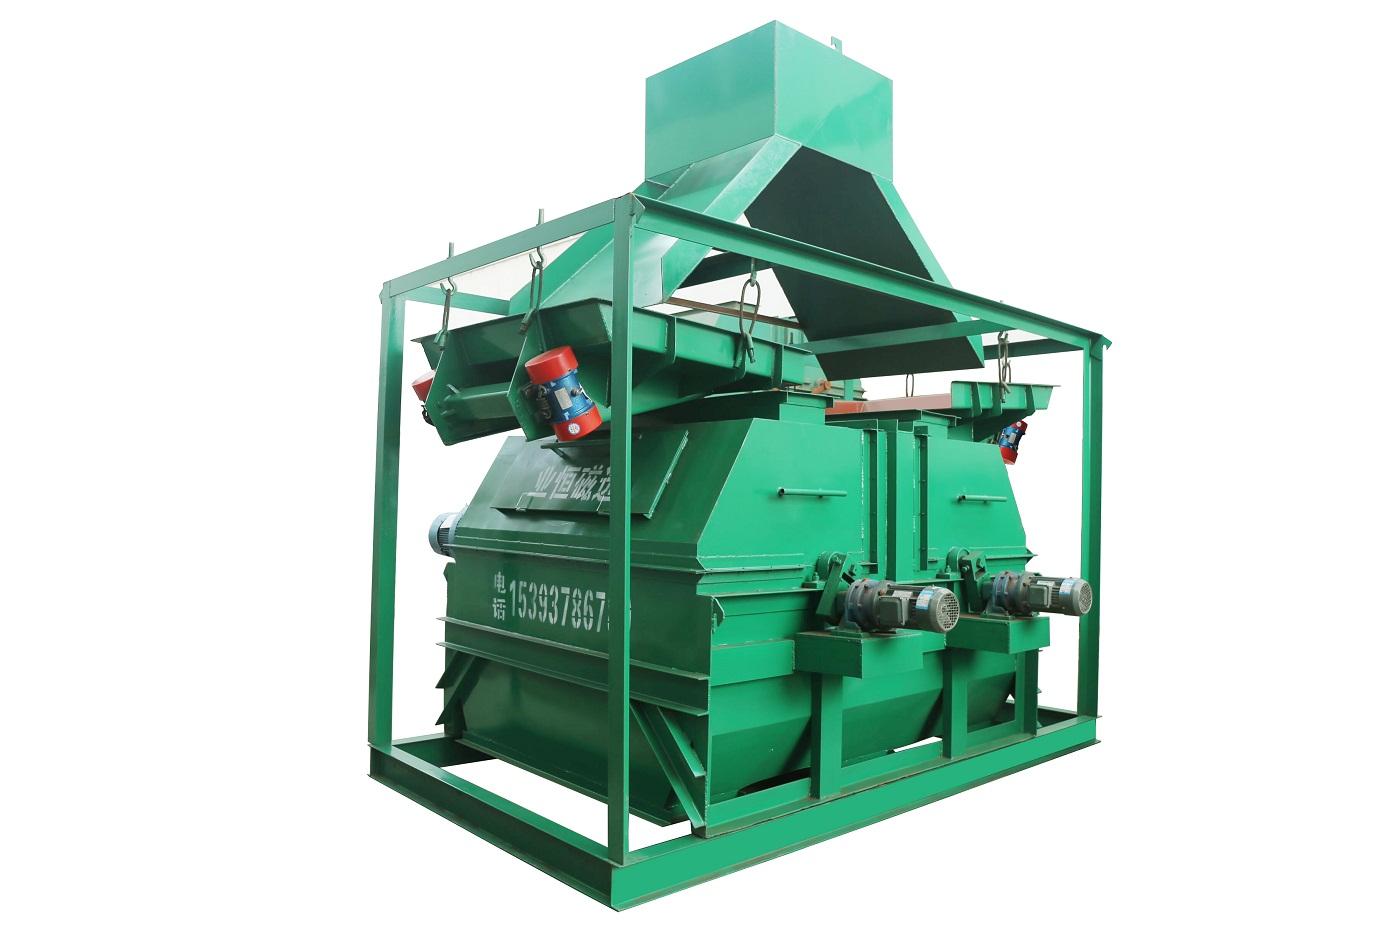 鐵礦干選設備廠家-口碑好的鐵礦干選機價格怎么樣